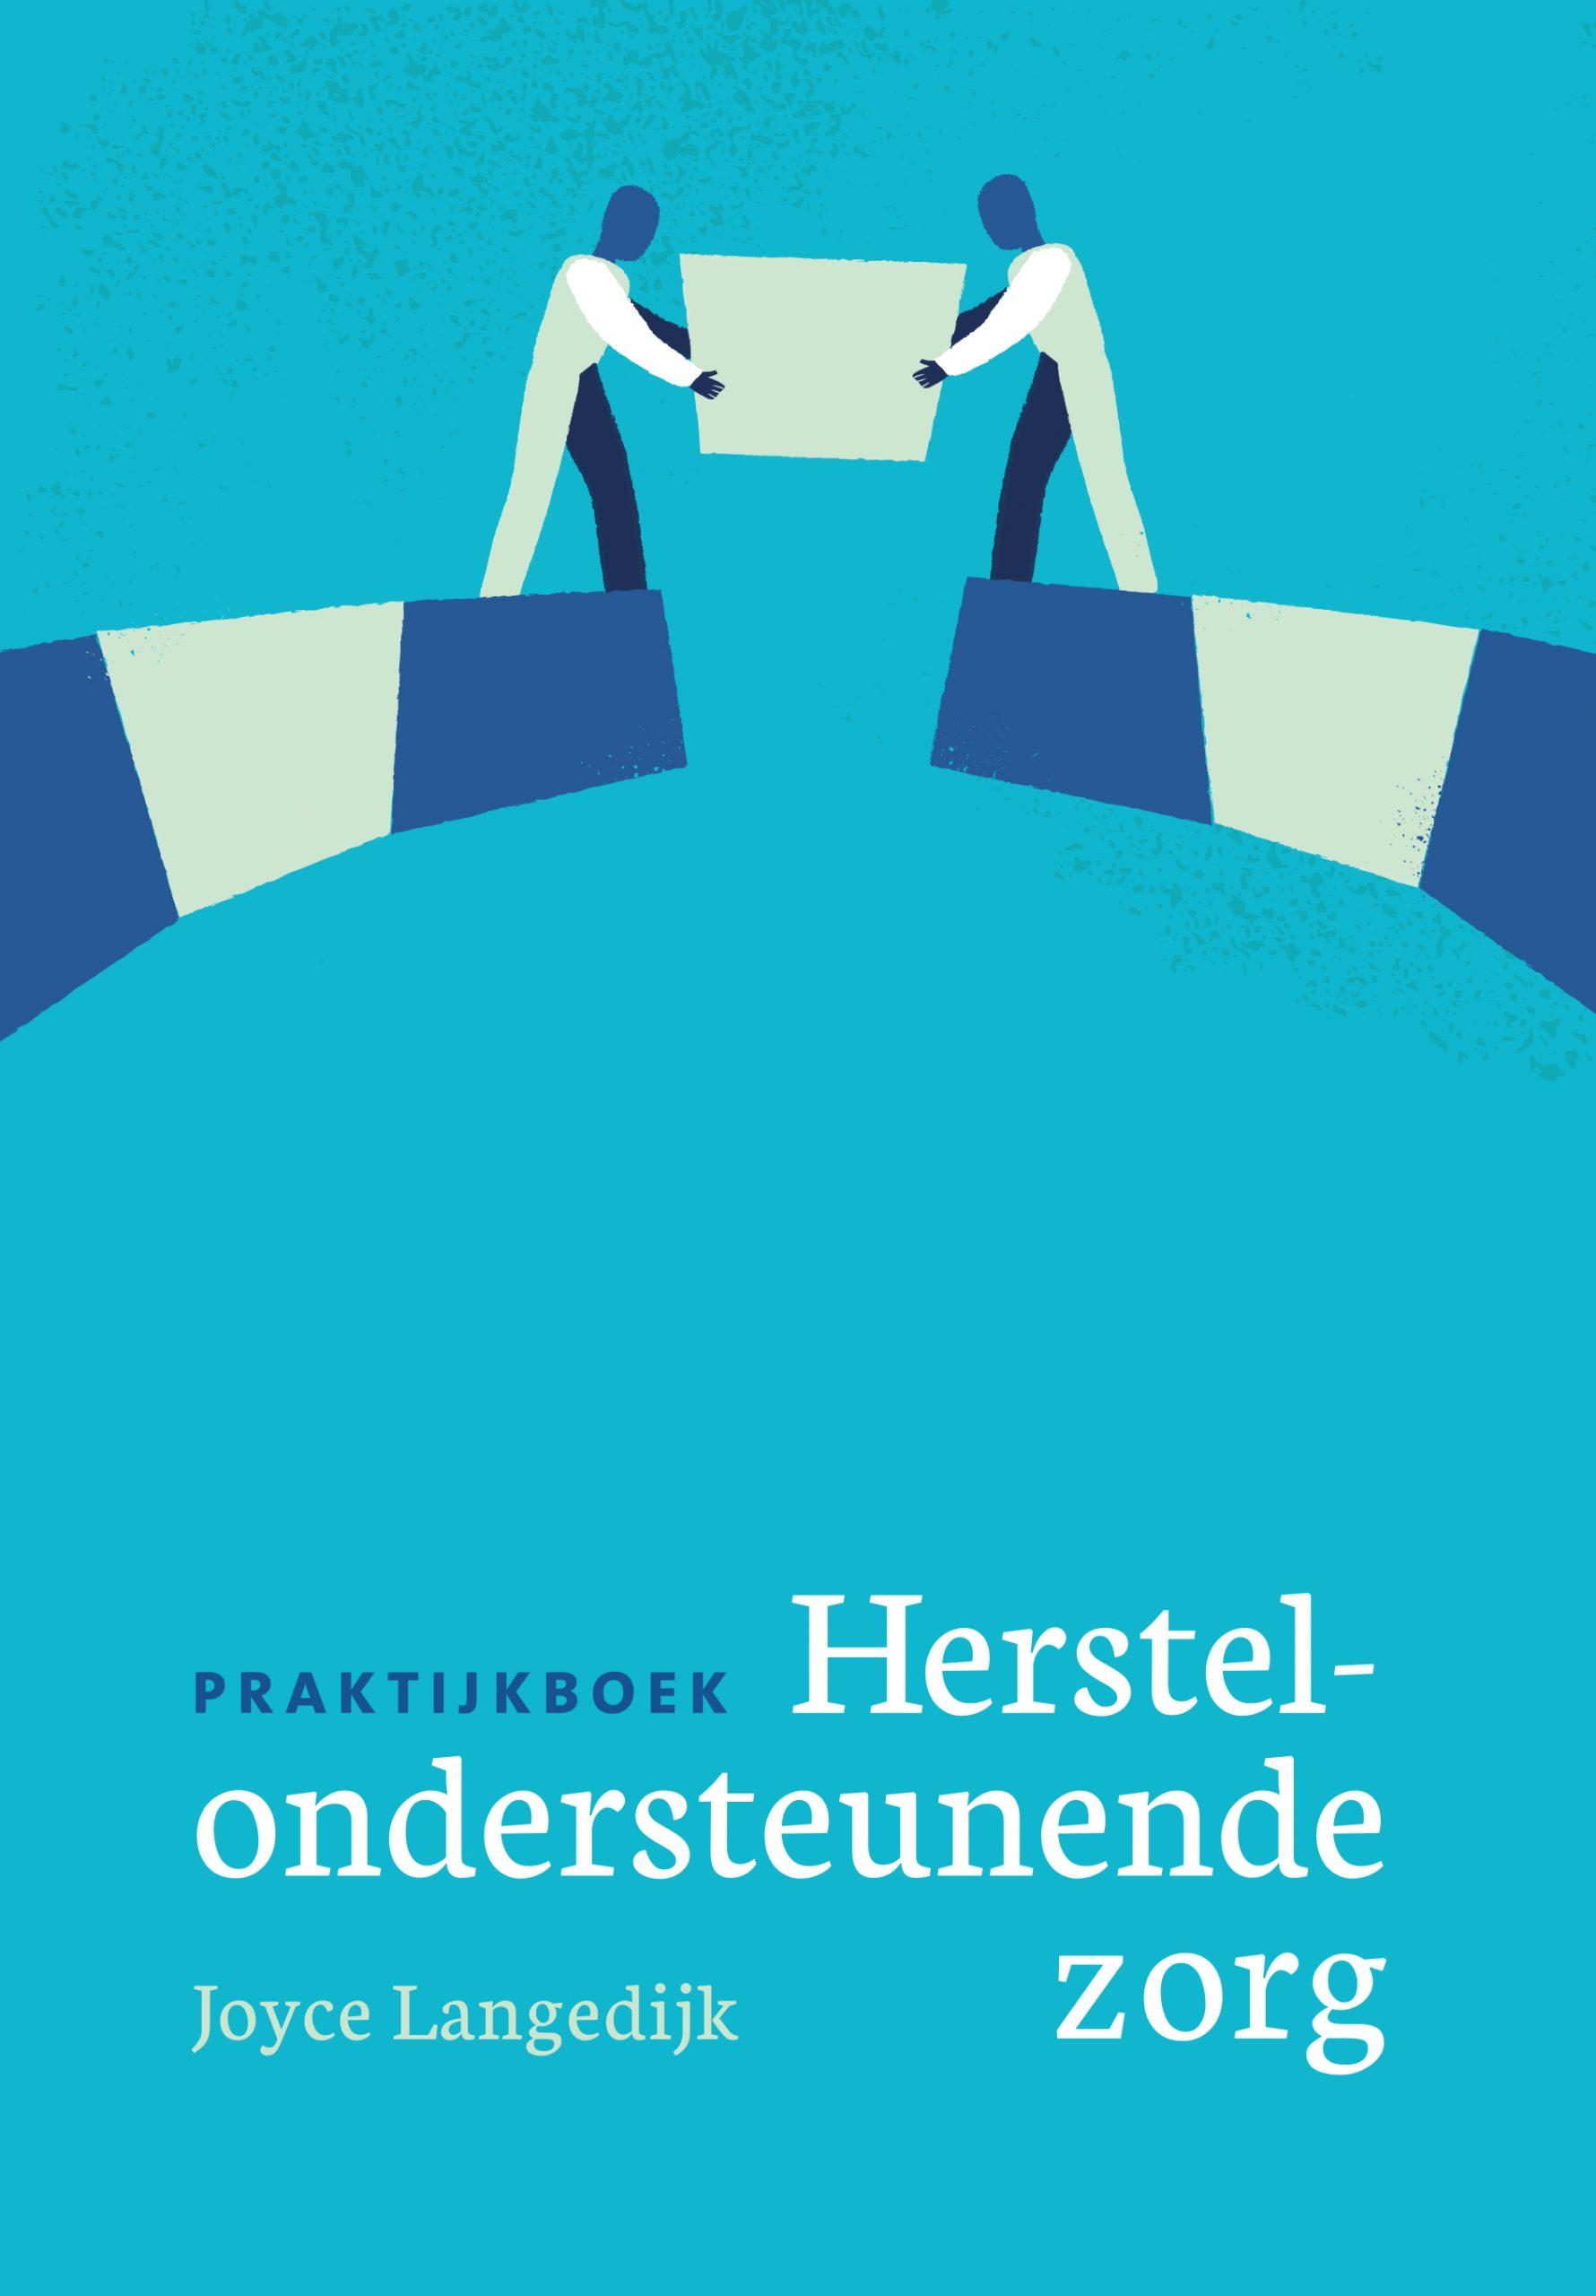 SWP HerstelZorg scaled